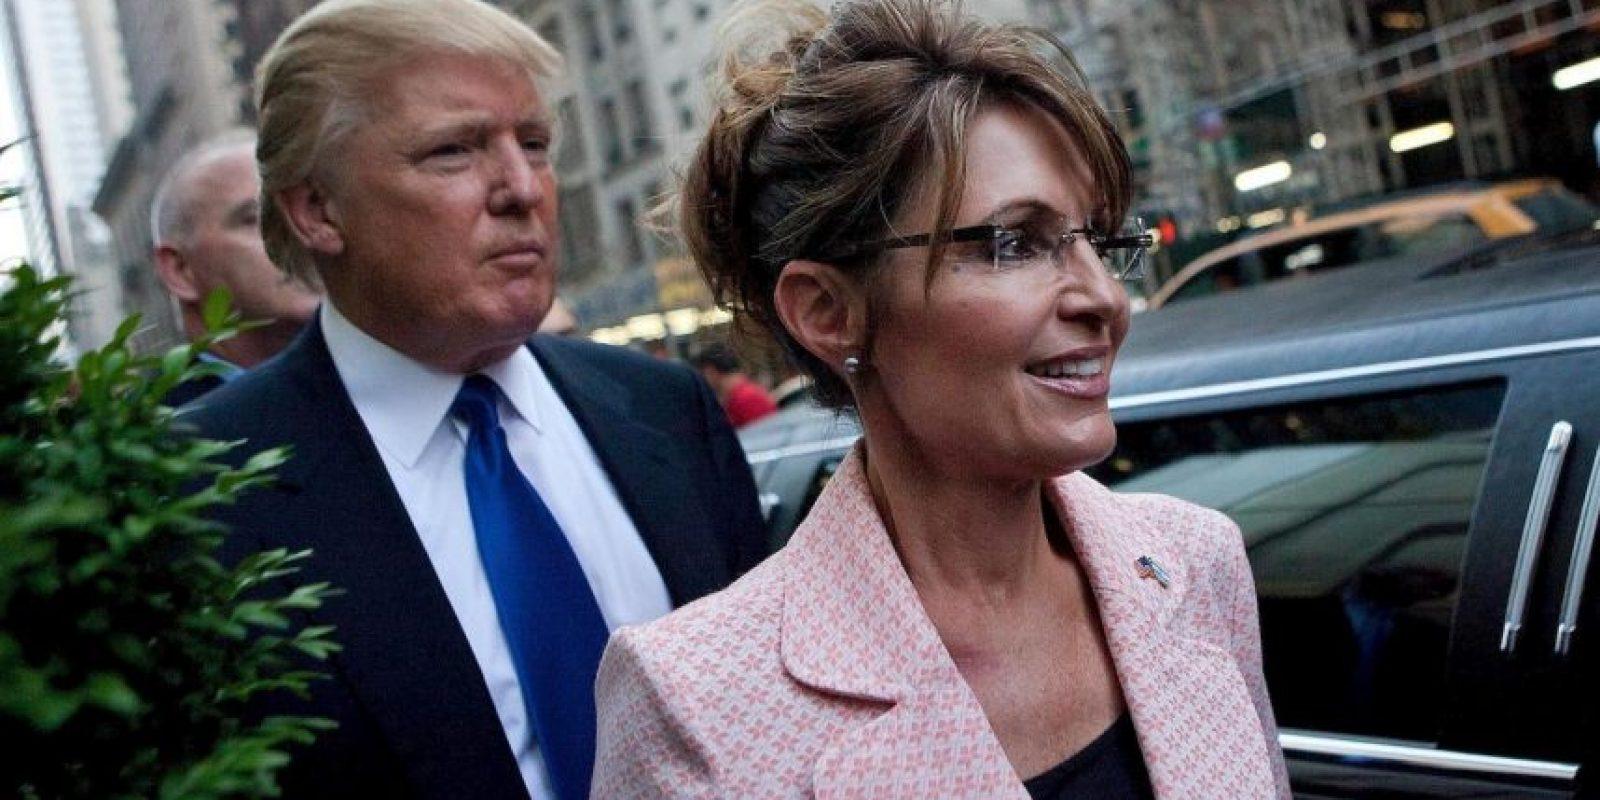 """5. Trump indicó que crearía un sistema de méritos para los indocumentados que trabajan y que conduzcan a """"un camino al estatus legal"""" solo si trabajan duro. Foto:Getty Images"""